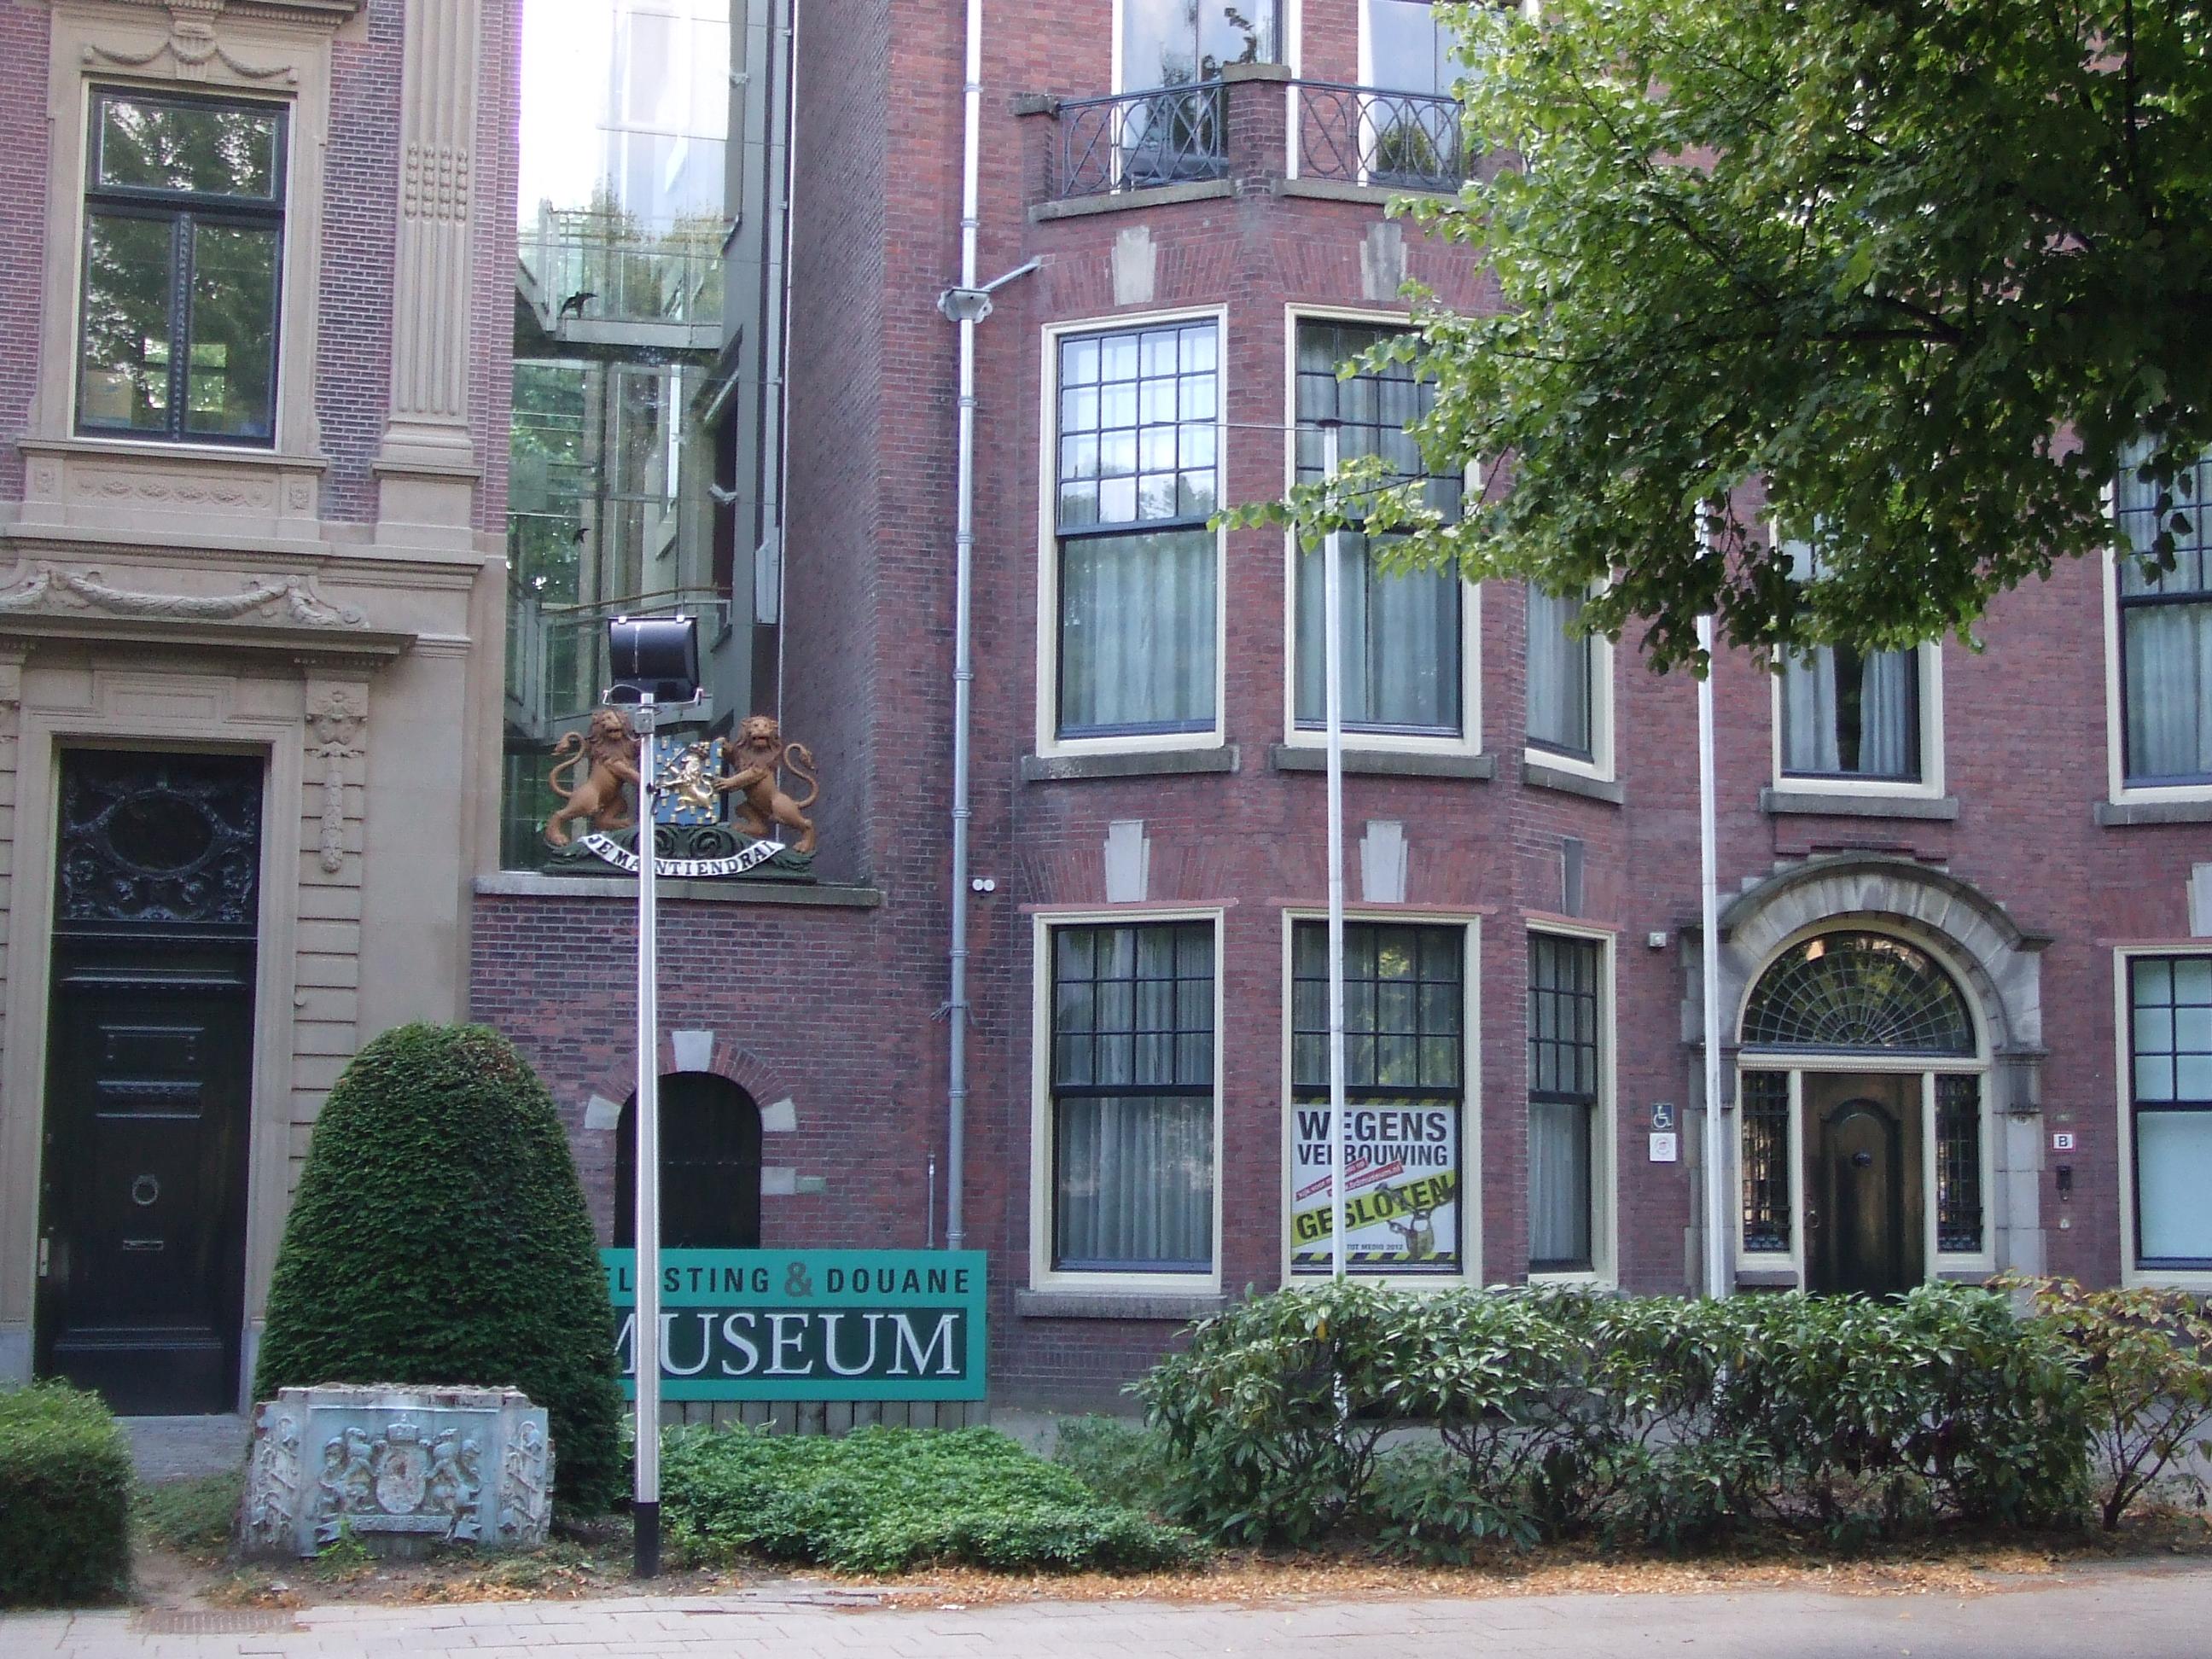 Belastingdienst Kantoor Rotterdam : Belastingdienst onderzoekt giften aan rotterdamse islamitische